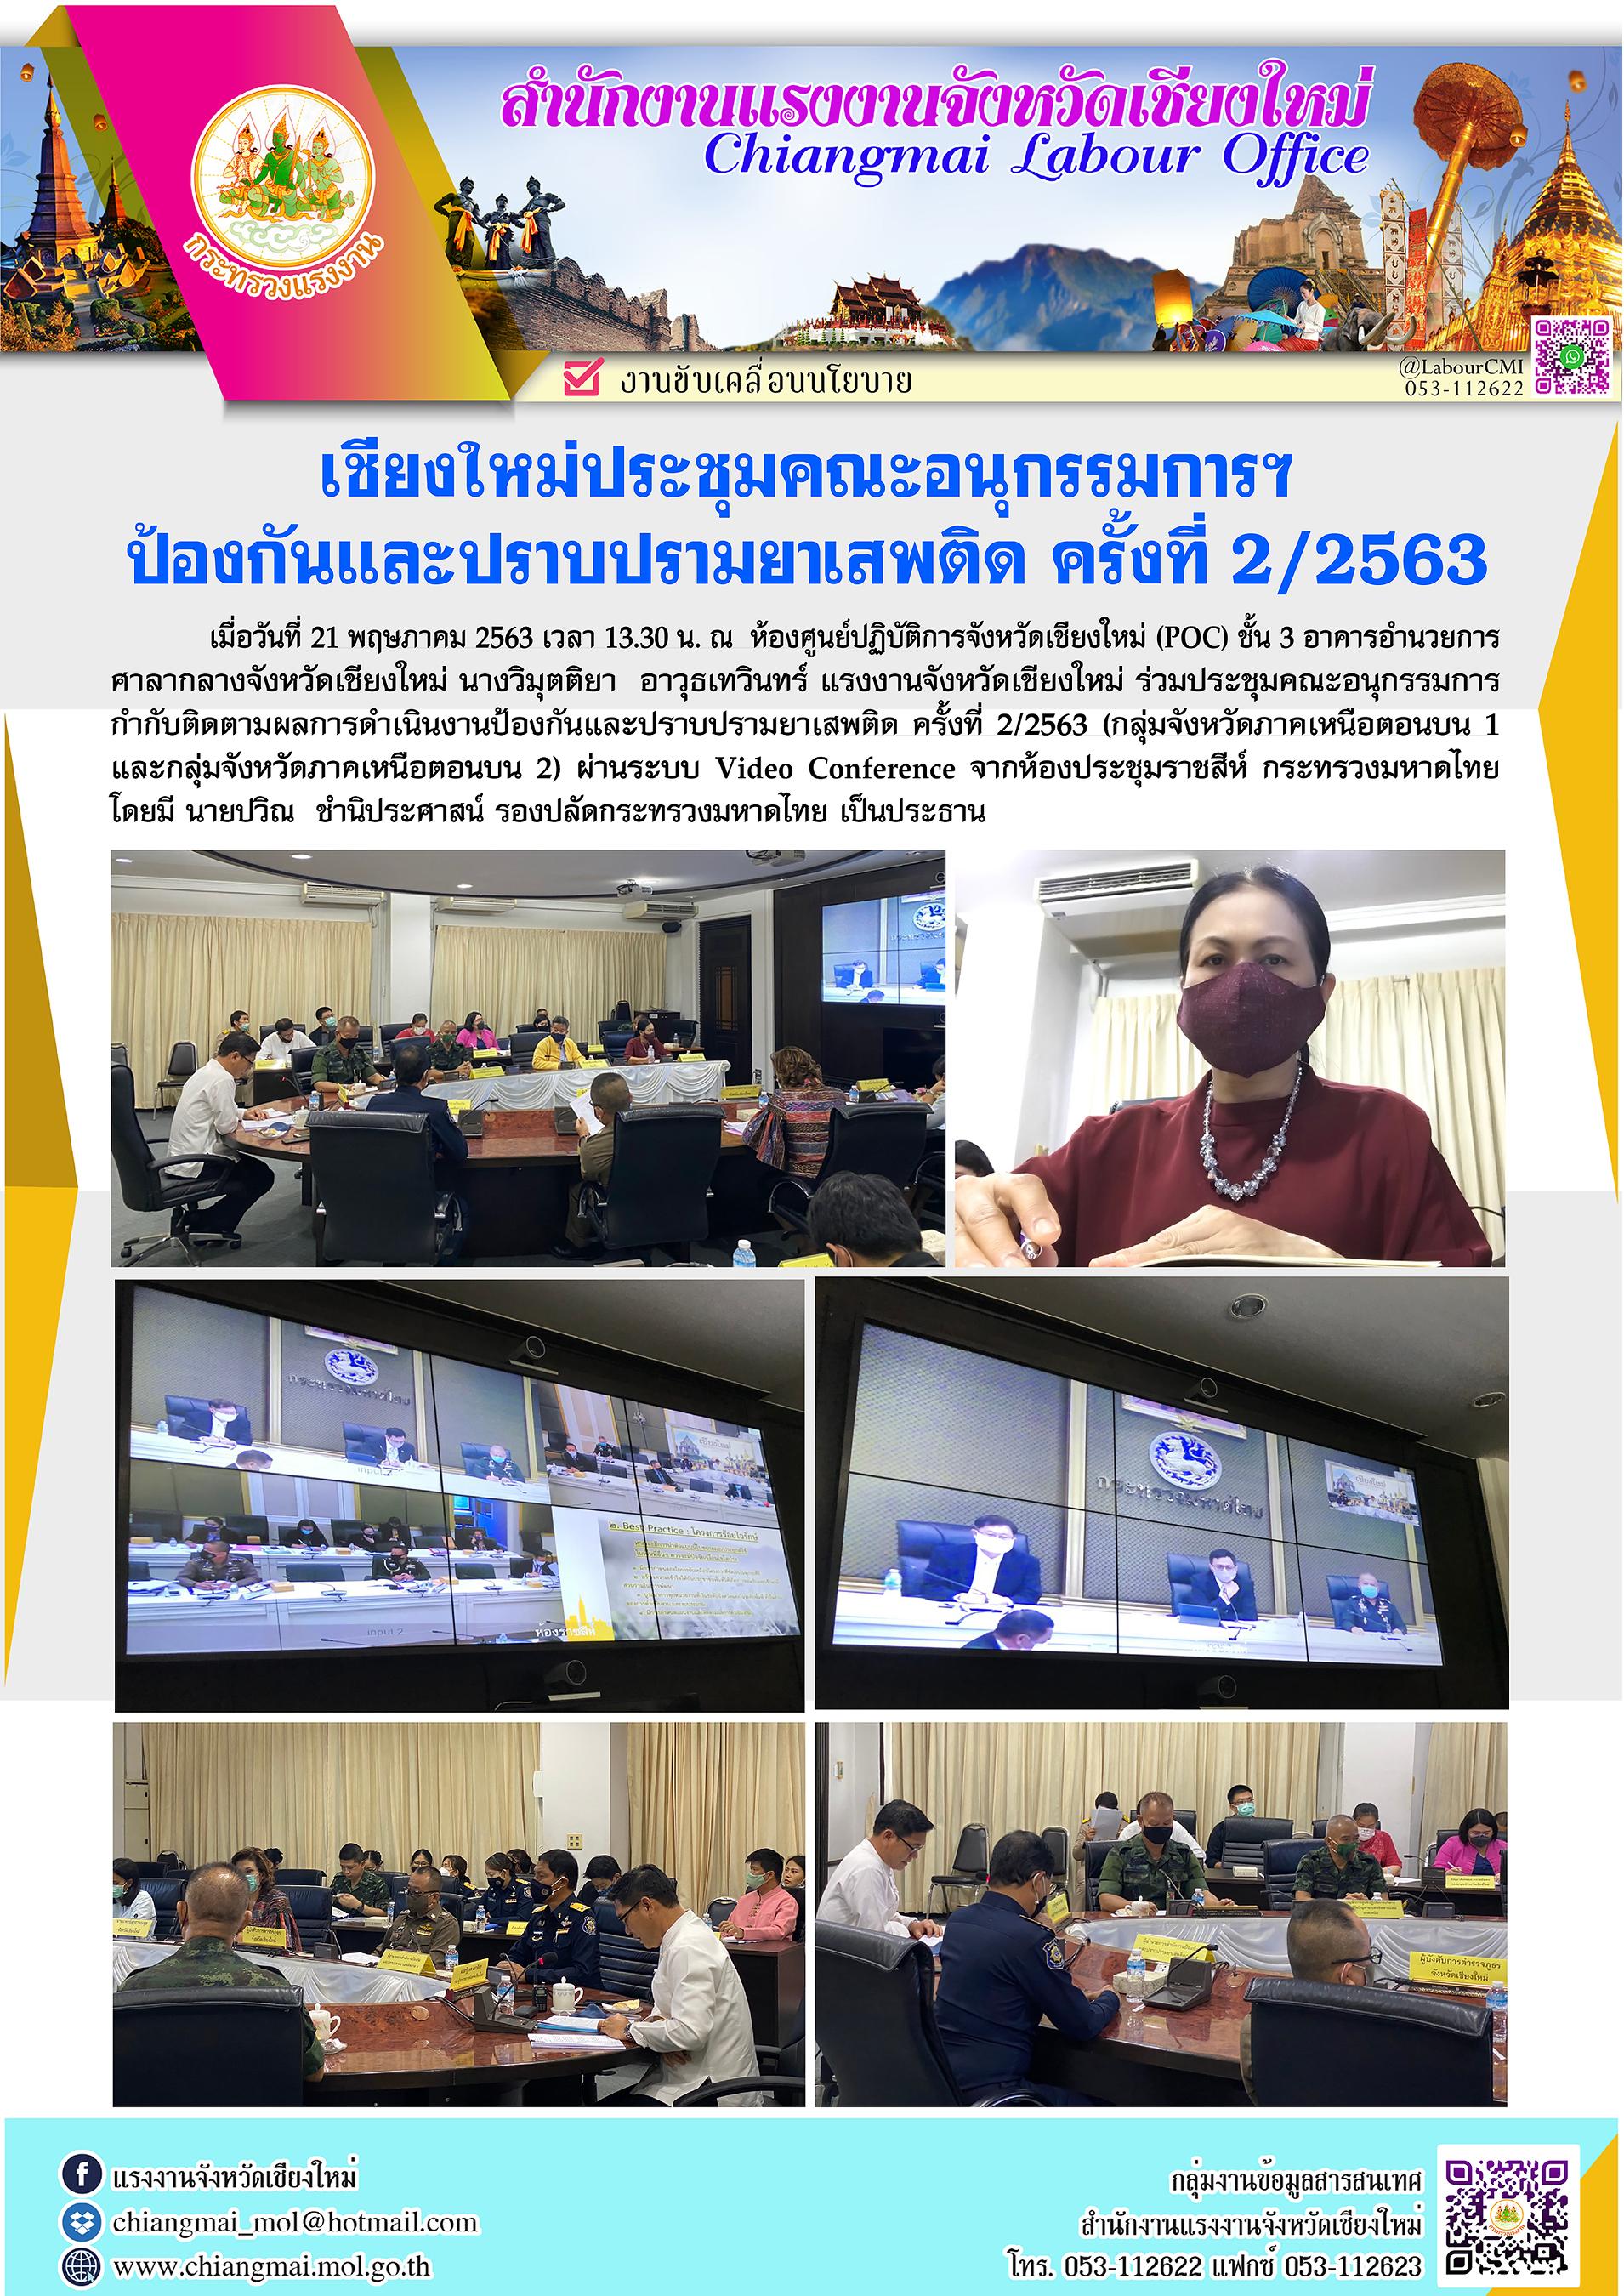 เชียงใหม่ ประชุมคณะอนุกรรมการฯ ป้องกันและปราบปรามยาเสพติด ครั้งที่ 2/2563